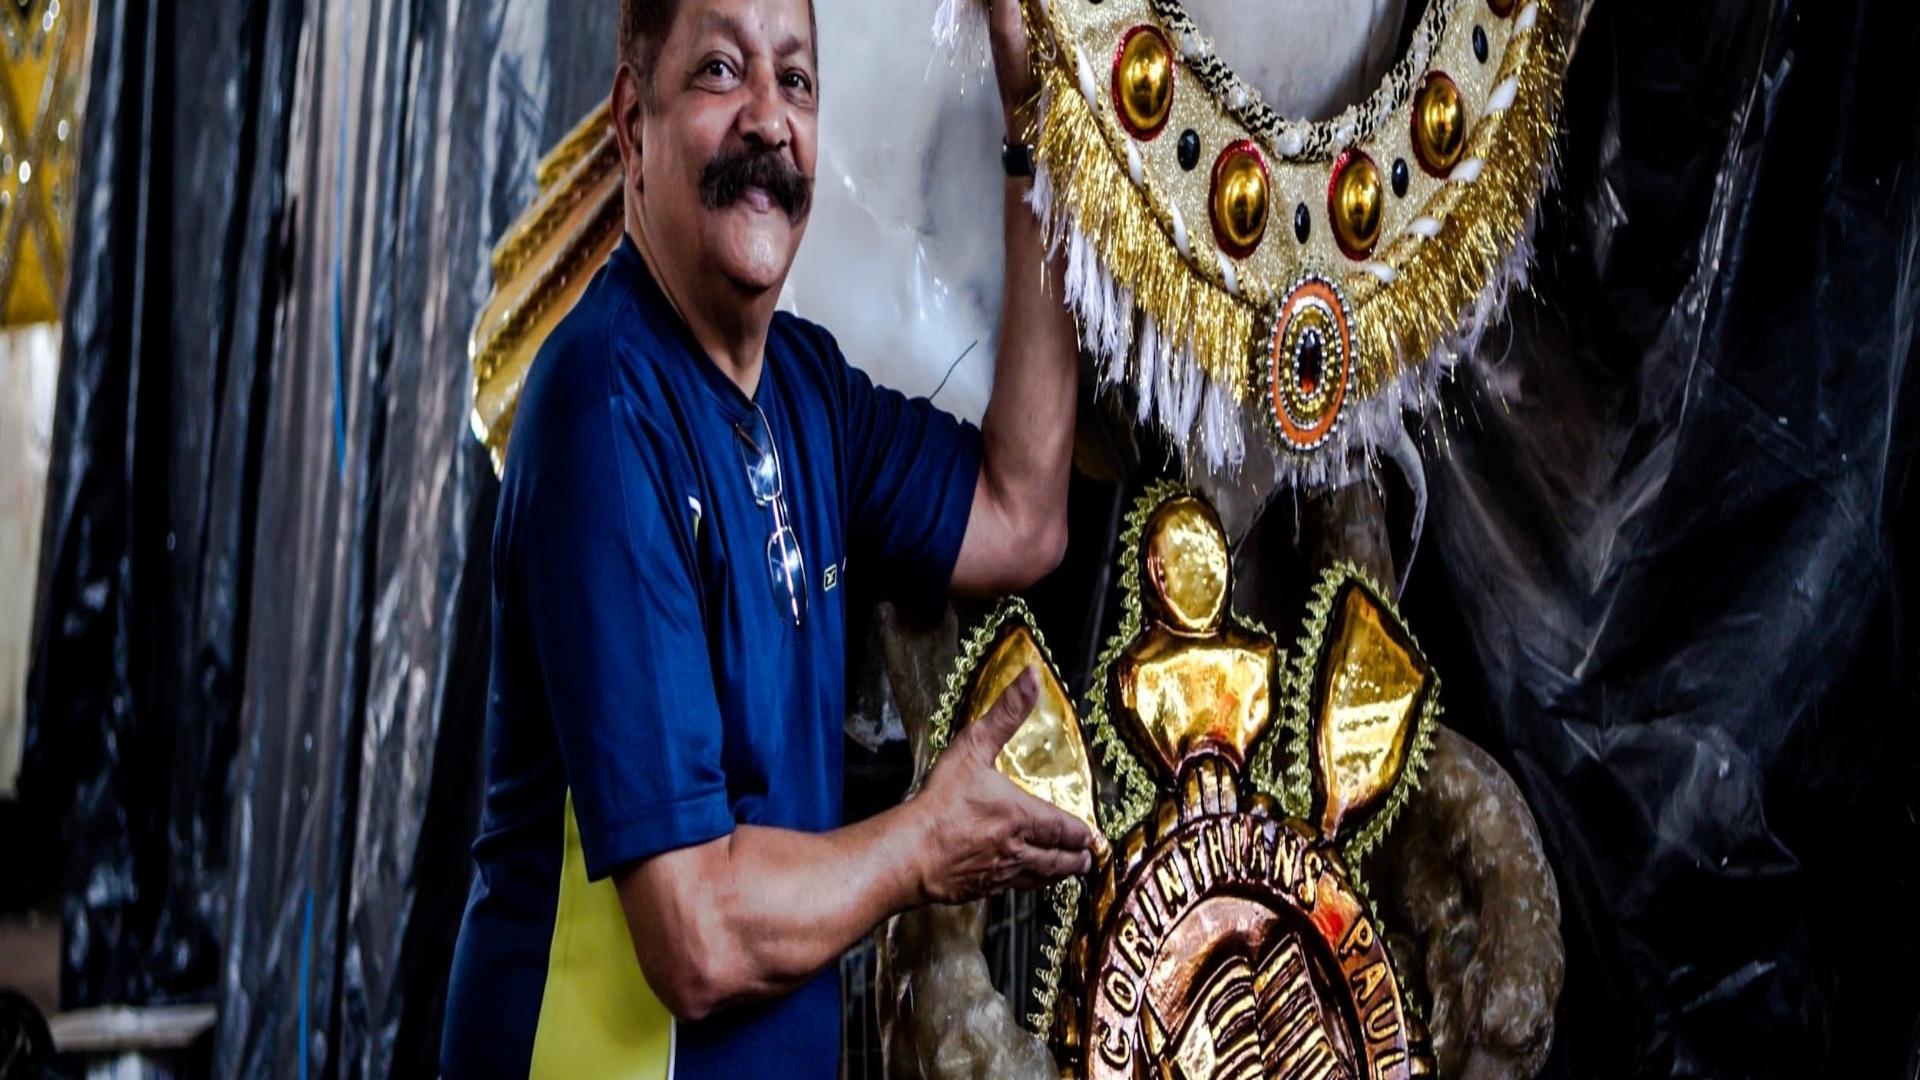 17.jan.2013 Max Lopes ao lado do carro que terá 43 gaviões, em homanagem aos 43 anos da escola